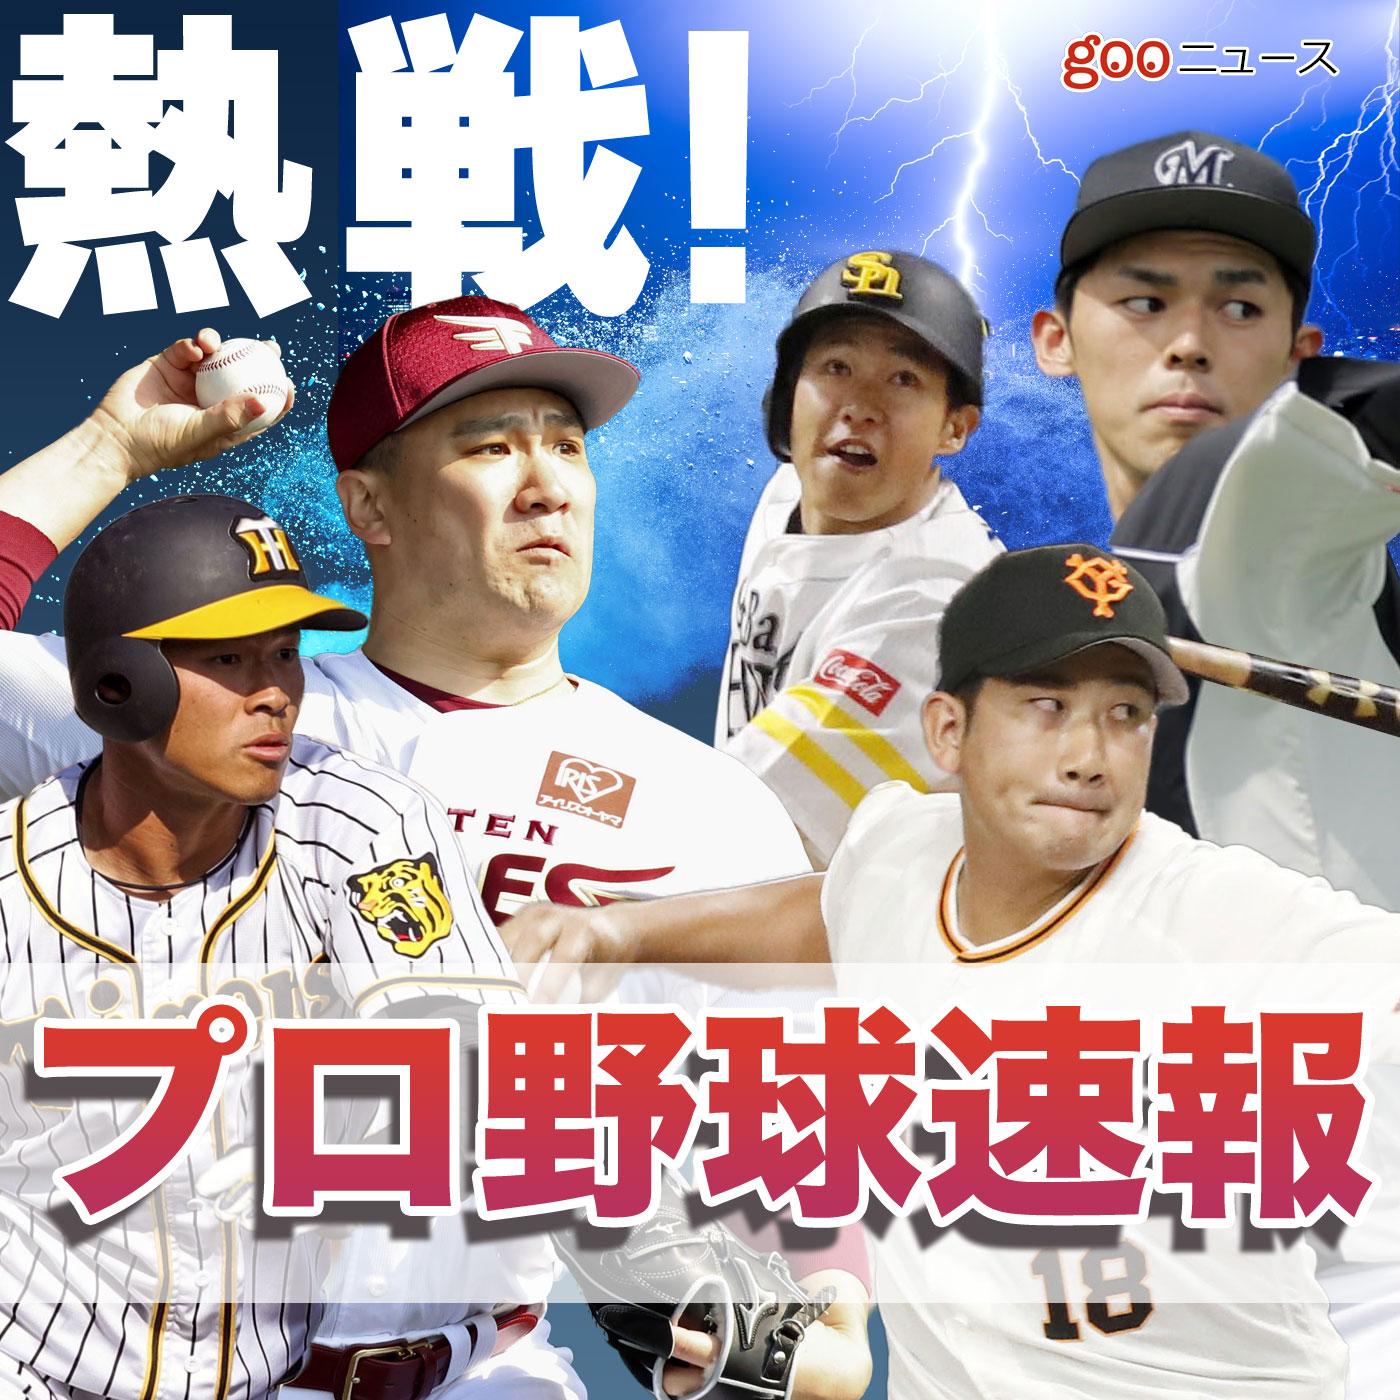 ニュース 野球 今日 速報 の プロ